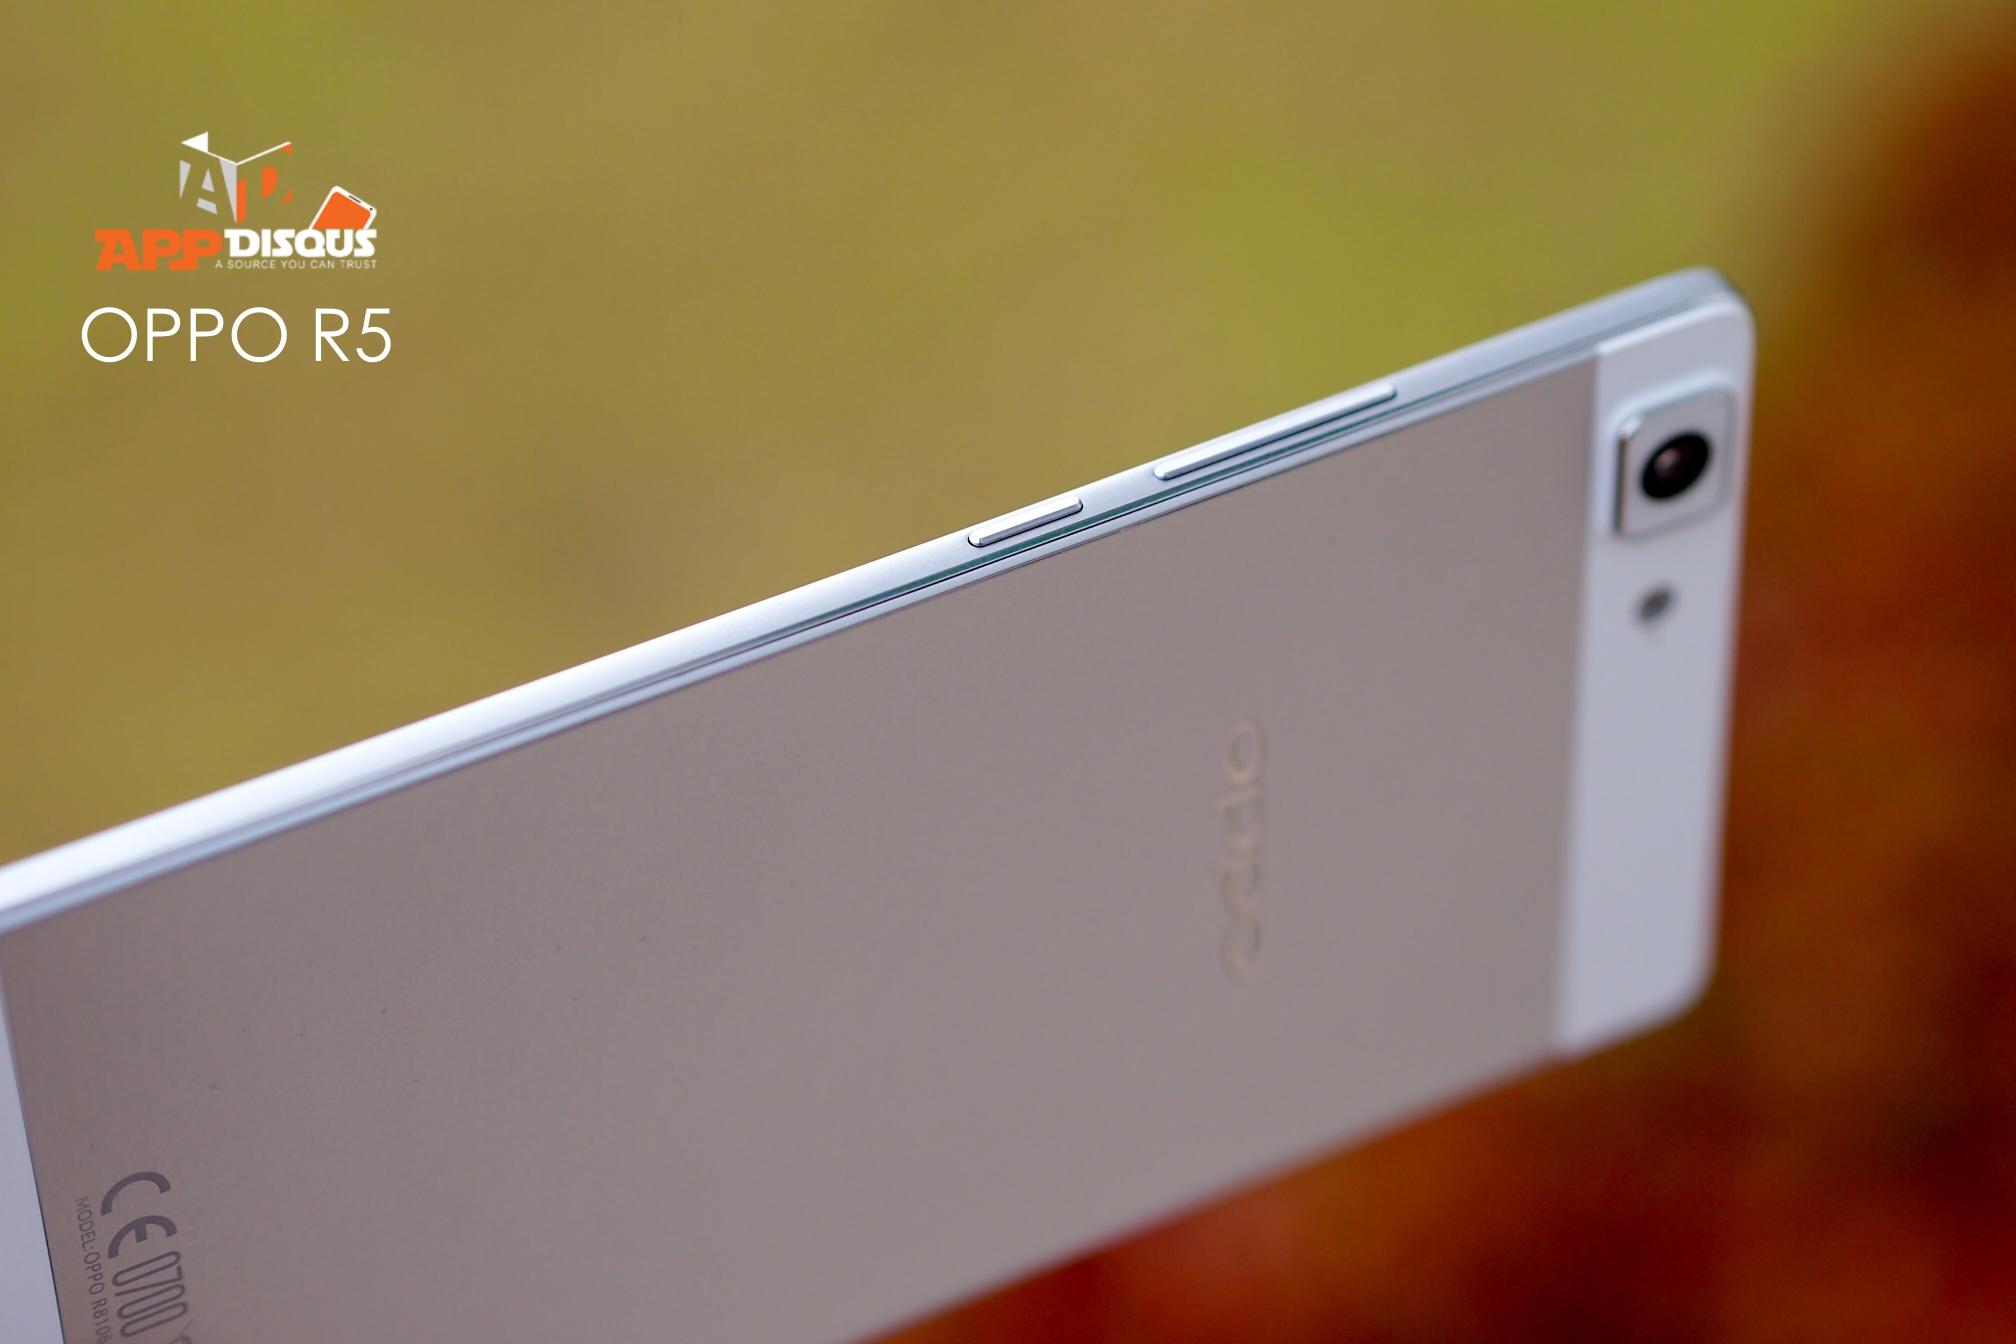 รีวิว Oppo R5